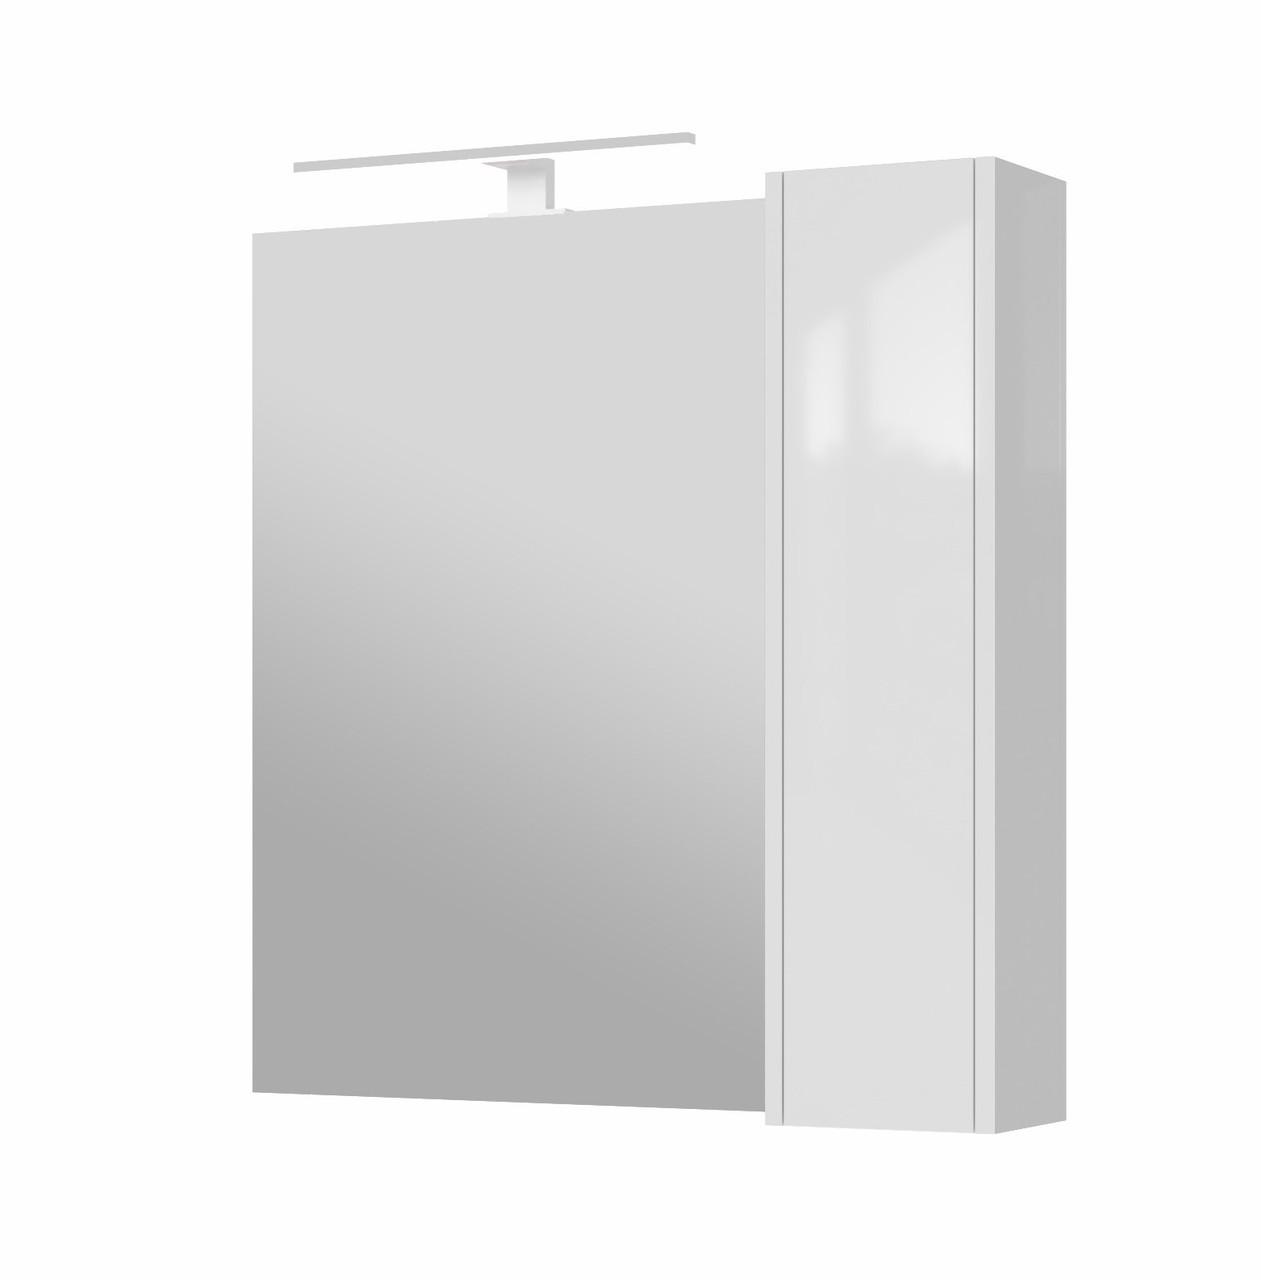 Зеркало в ванную JUVENTA Bronx BrxMC-80 белое с подсветкой и шкафчиком